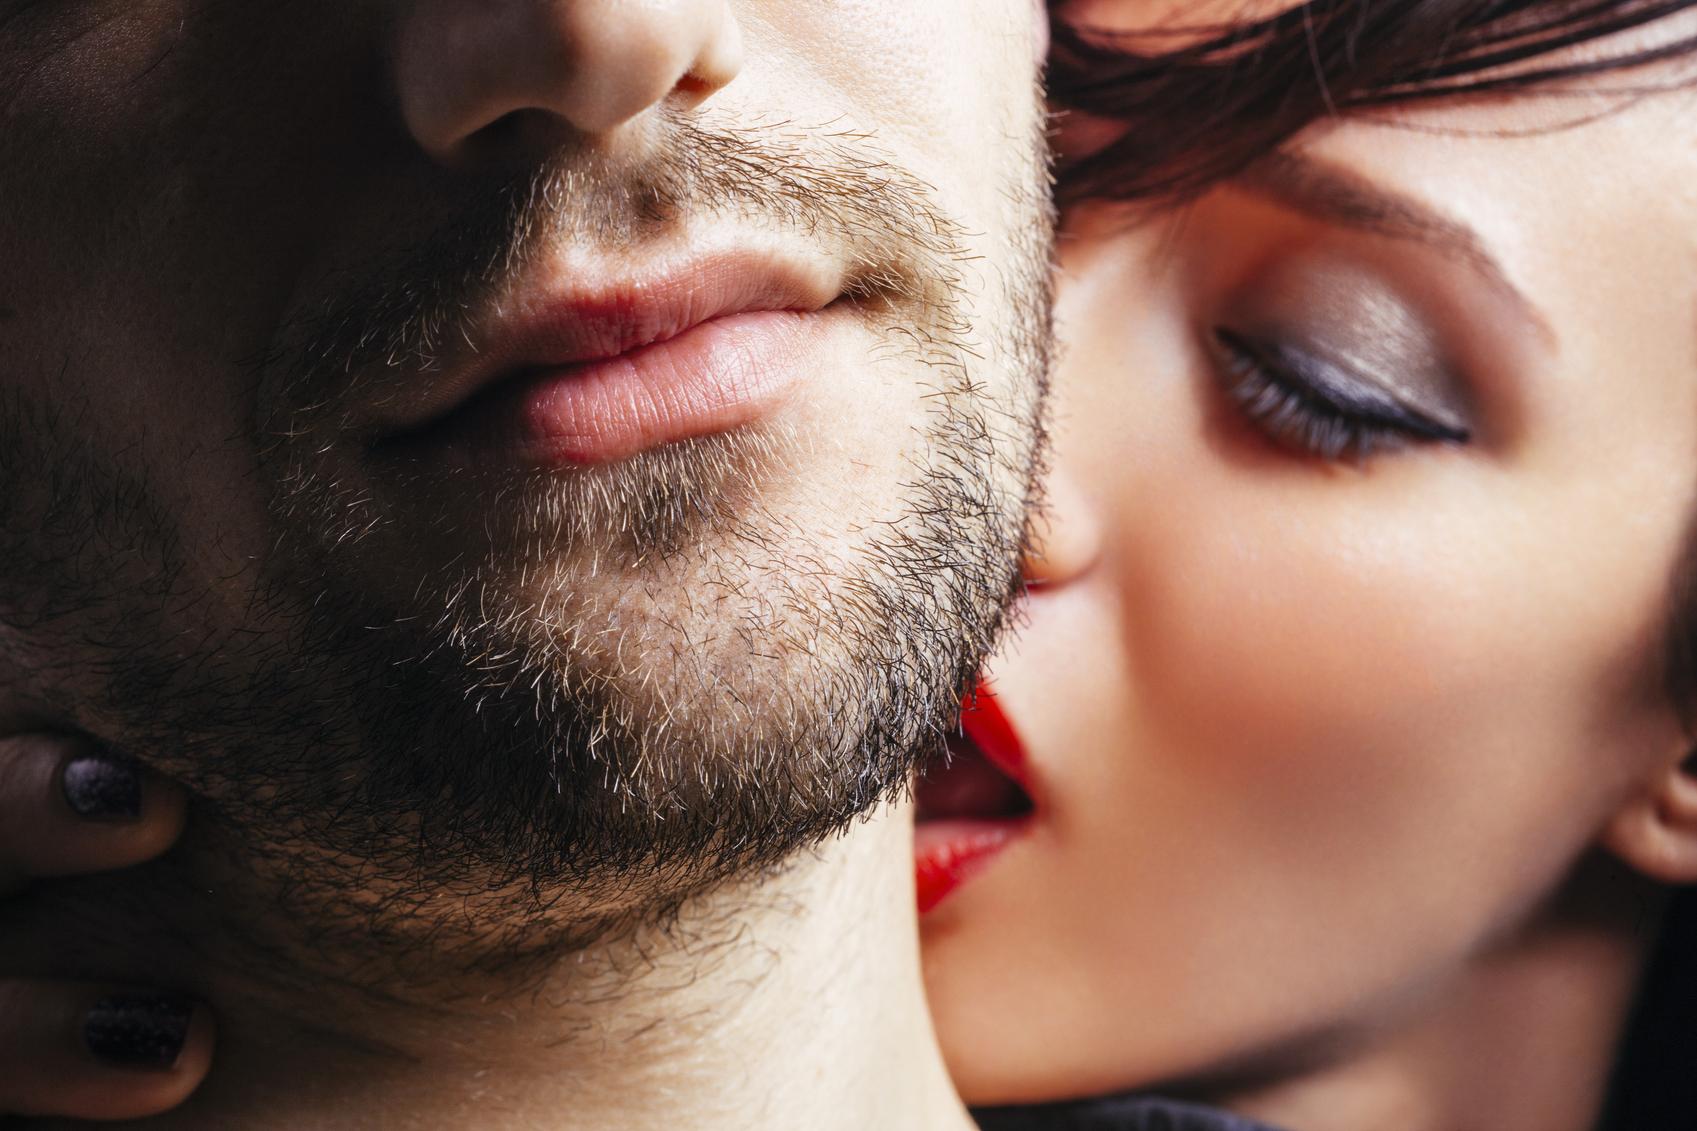 pornodarsteller gesucht porno fur frauen